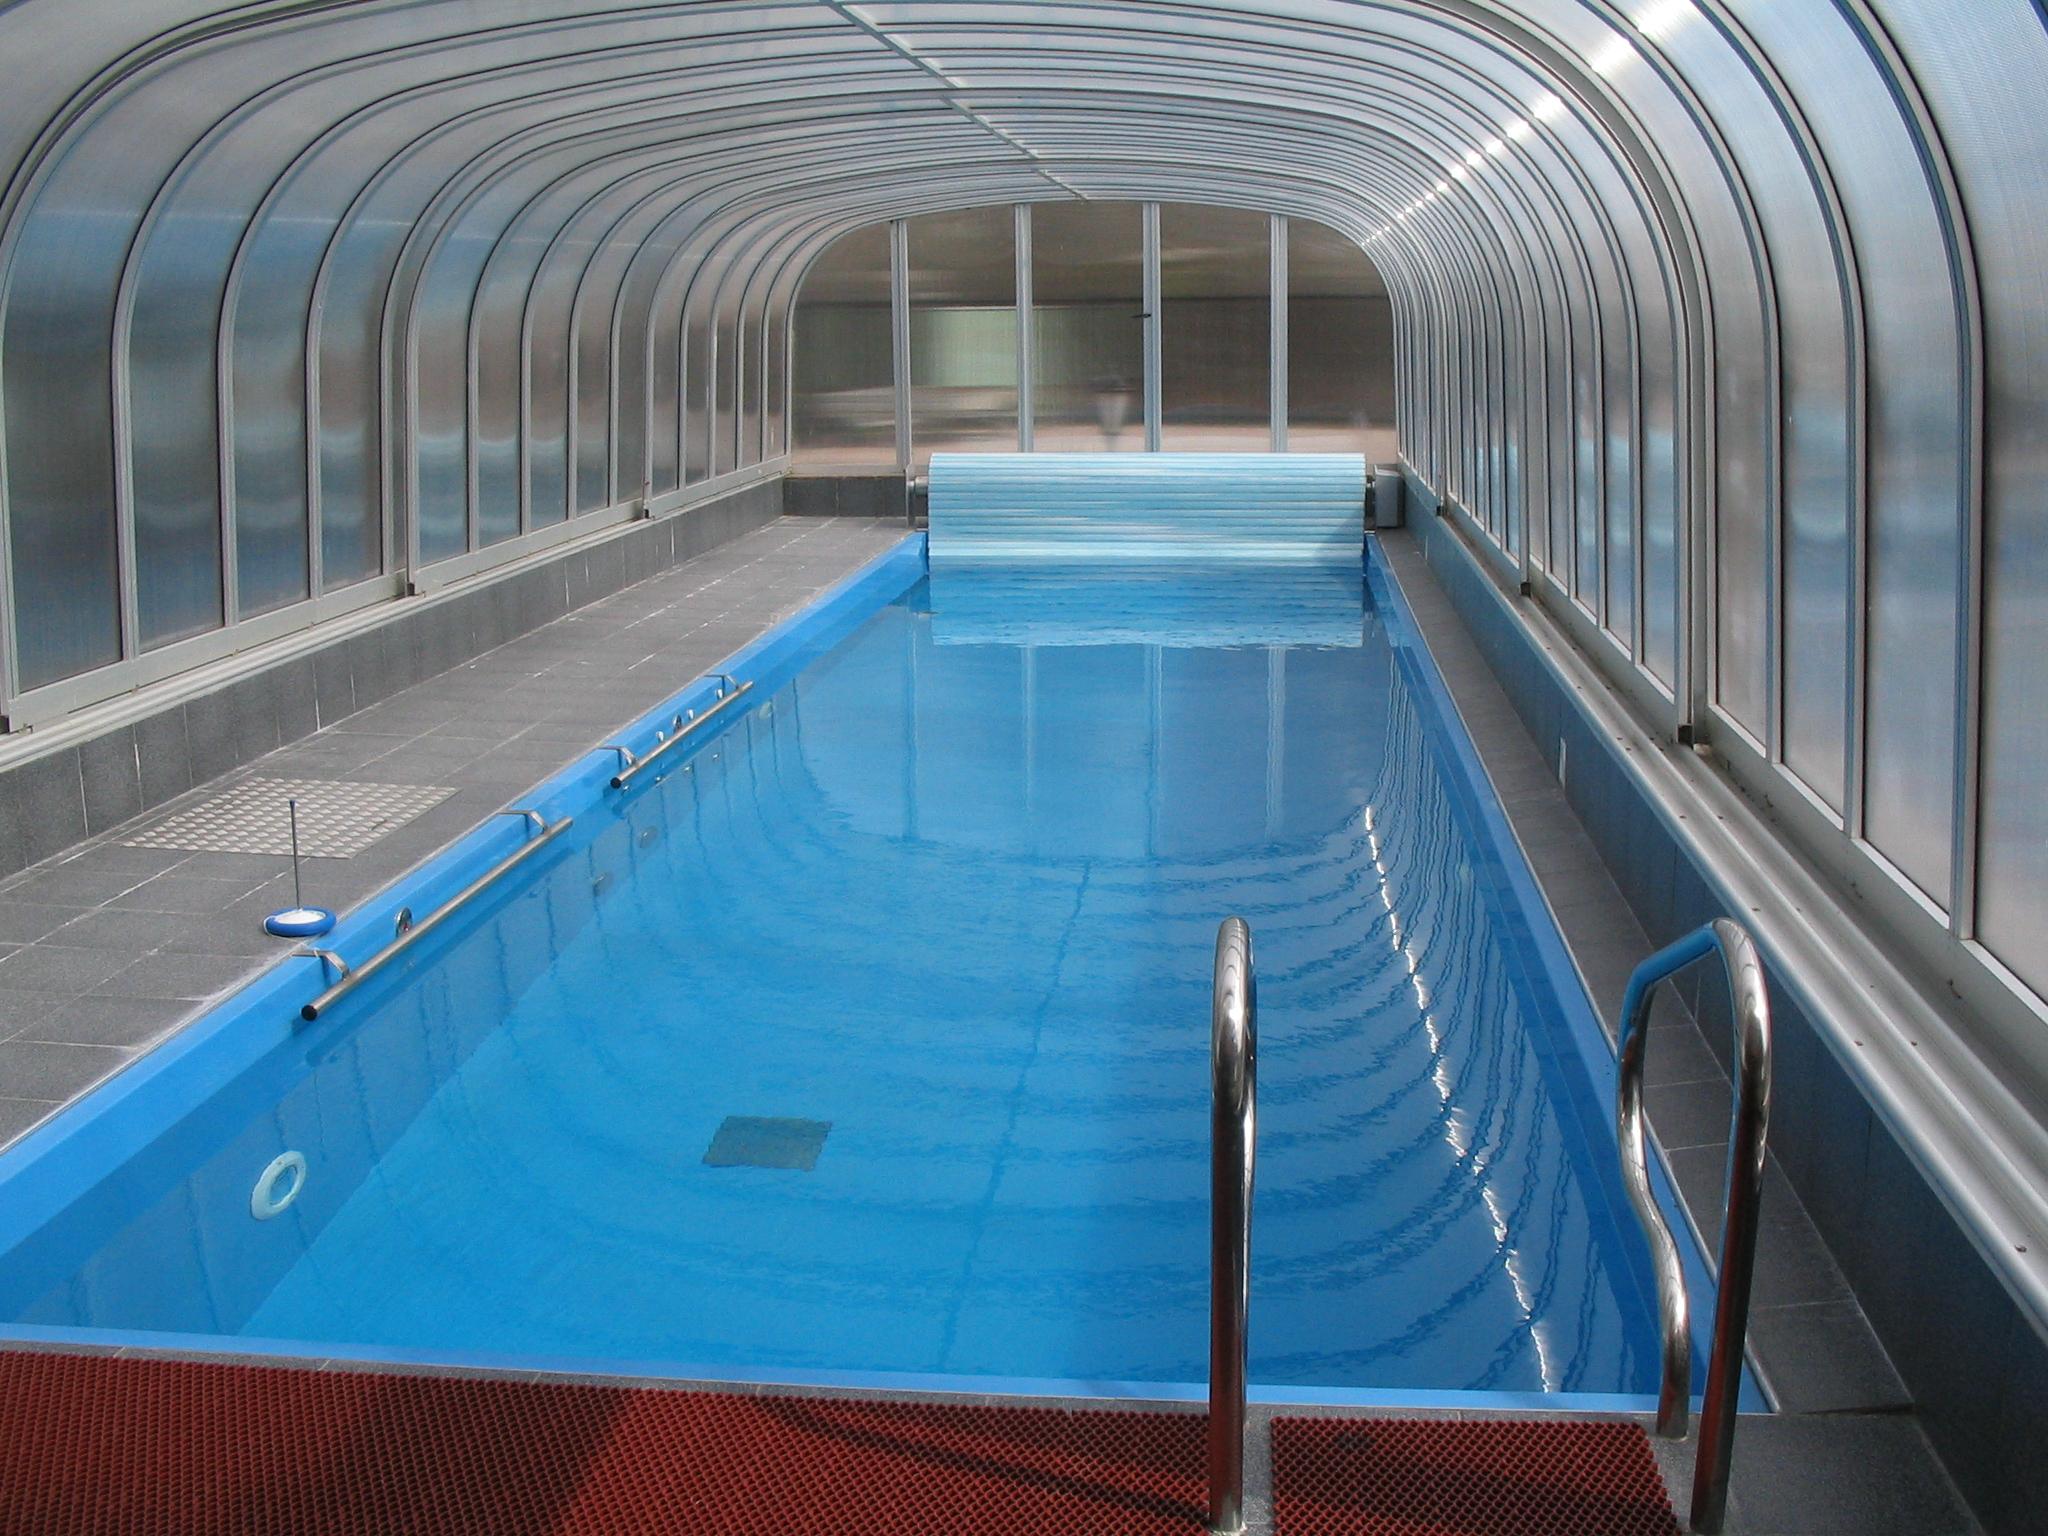 каким образом строительство бассейнов в санкт-петербурге термобелье способно отводить